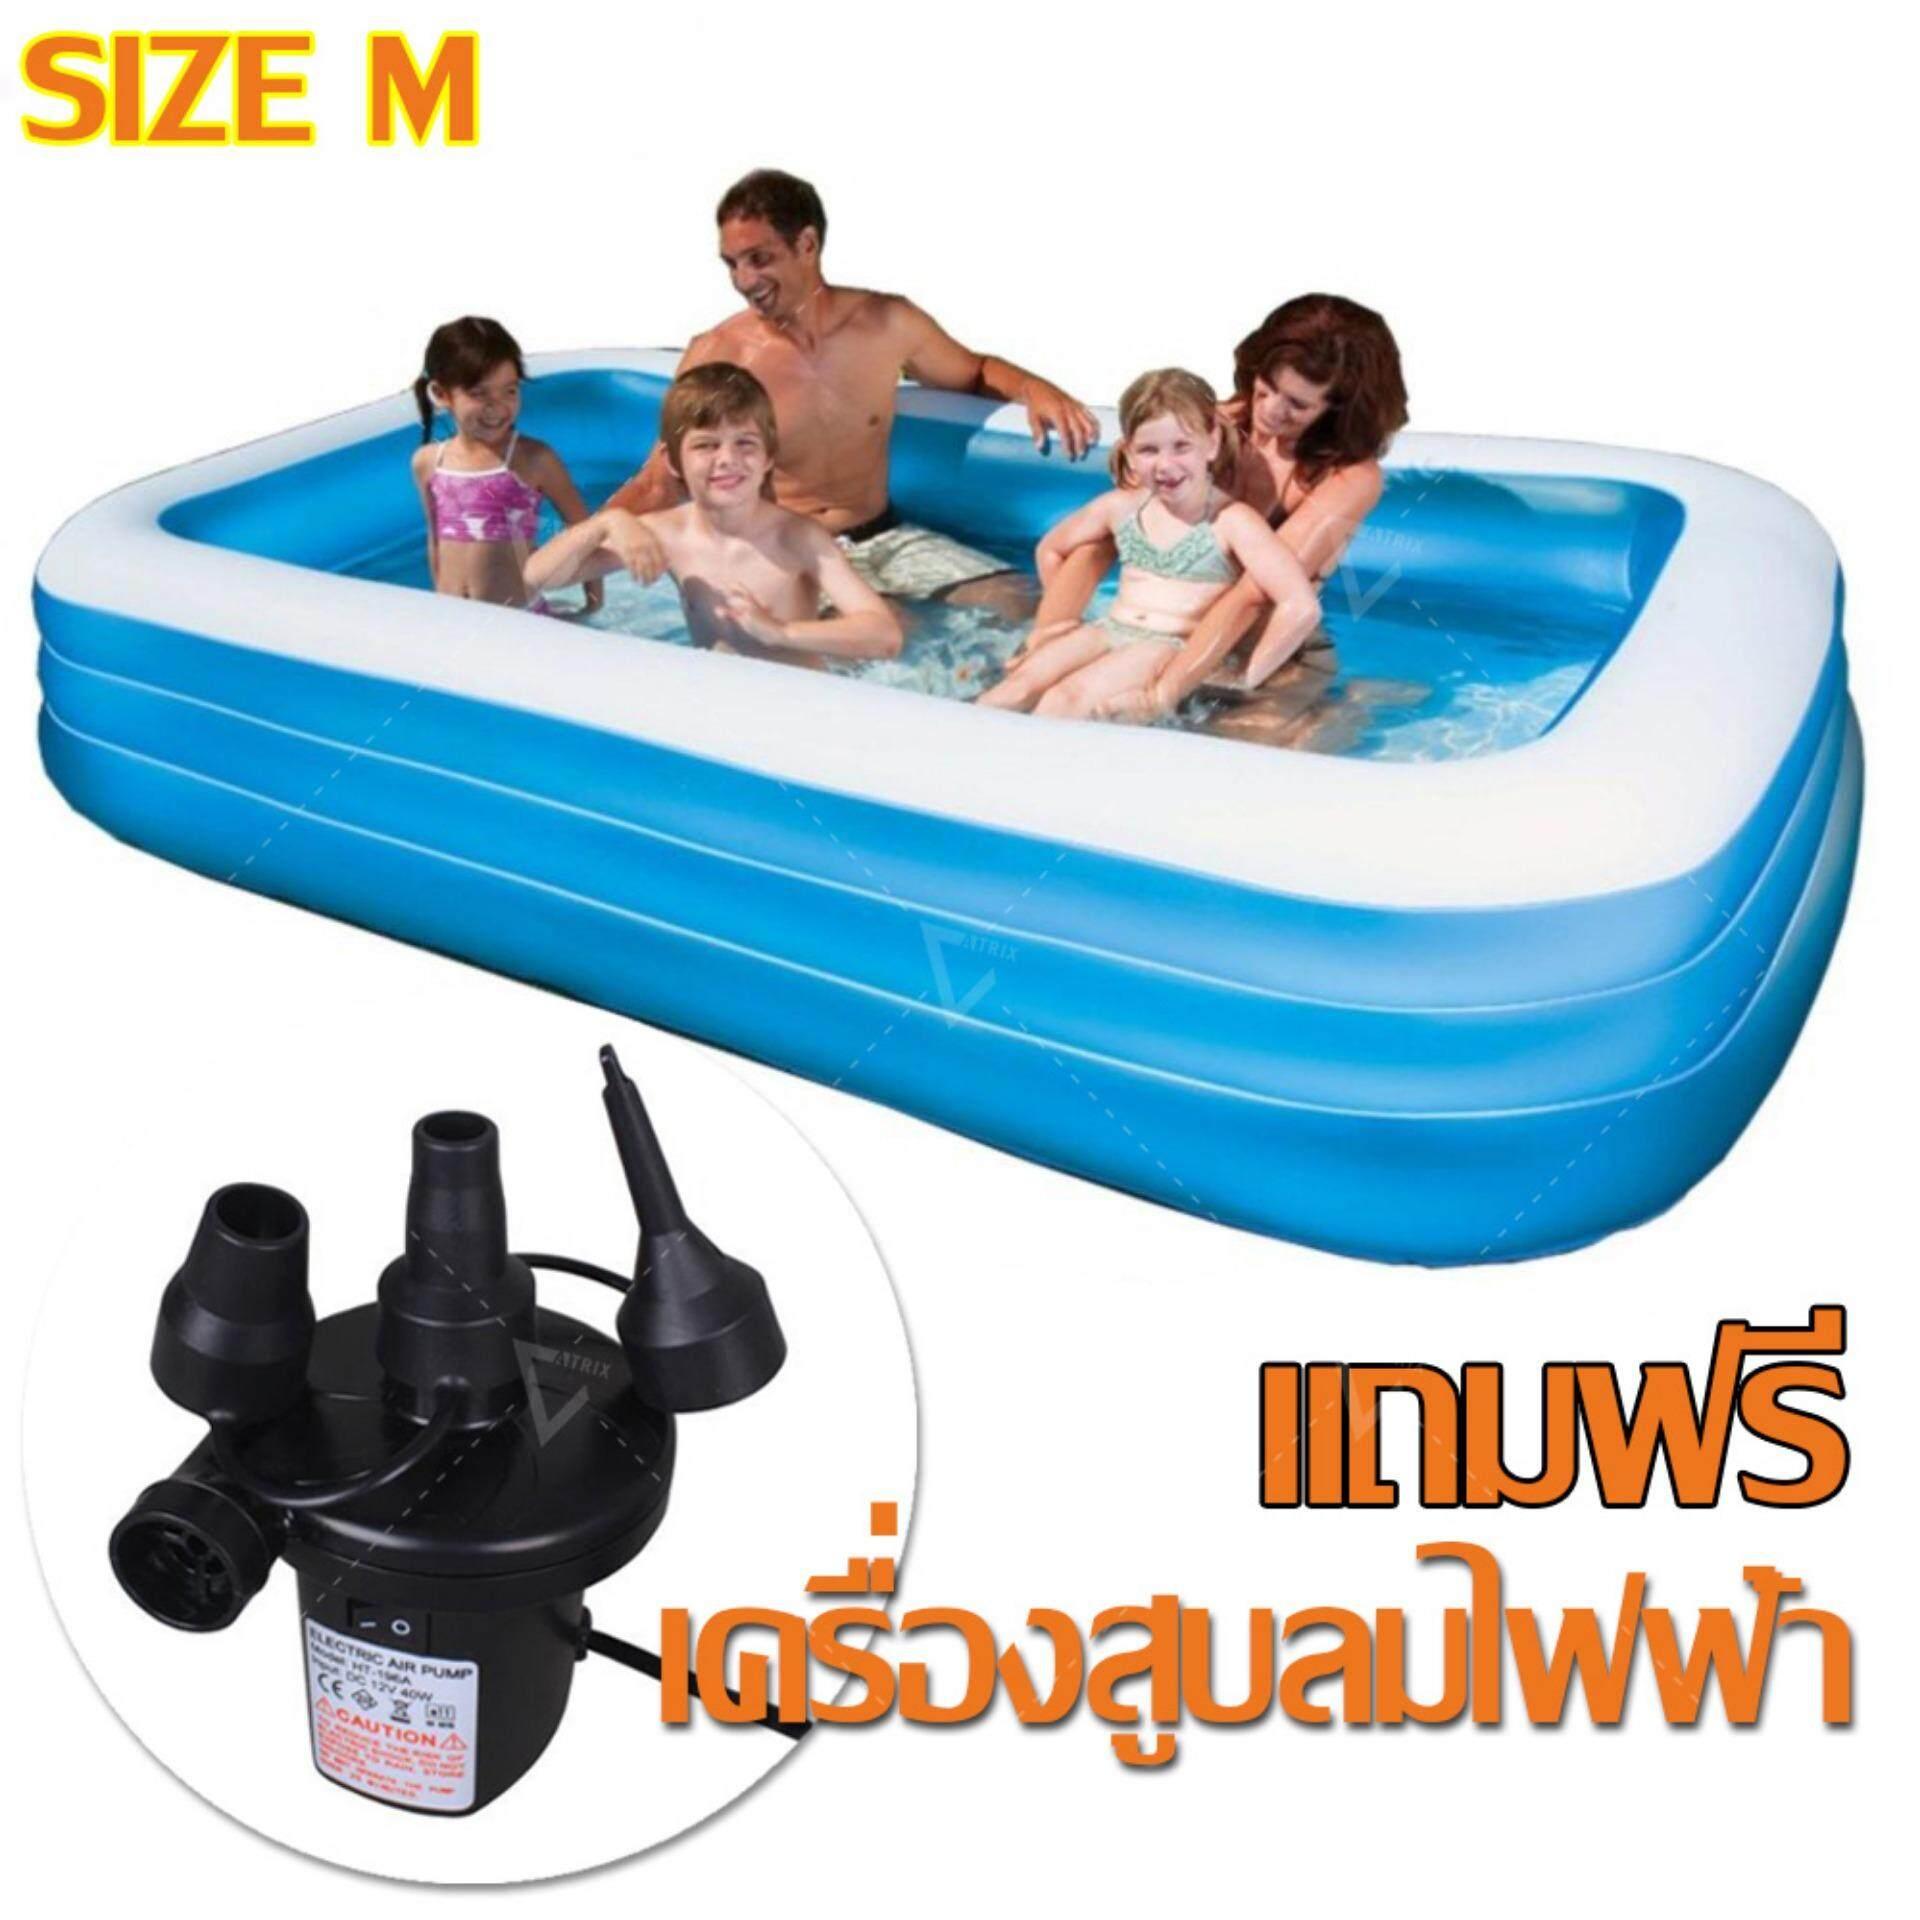 ราคา Atrix ซื้อ 1 ได้ถึง 2 Atrix สระน้ำเป่าลม ขนาด 200 X 150 X 51 Cm อย่างหนา Bestway Inflatable Pool Size M รุ่น Kds 0008 แถมฟรี เครื่องสูบลมอัตโนมัติ Kdh 0026 เป็นต้นฉบับ Atrix